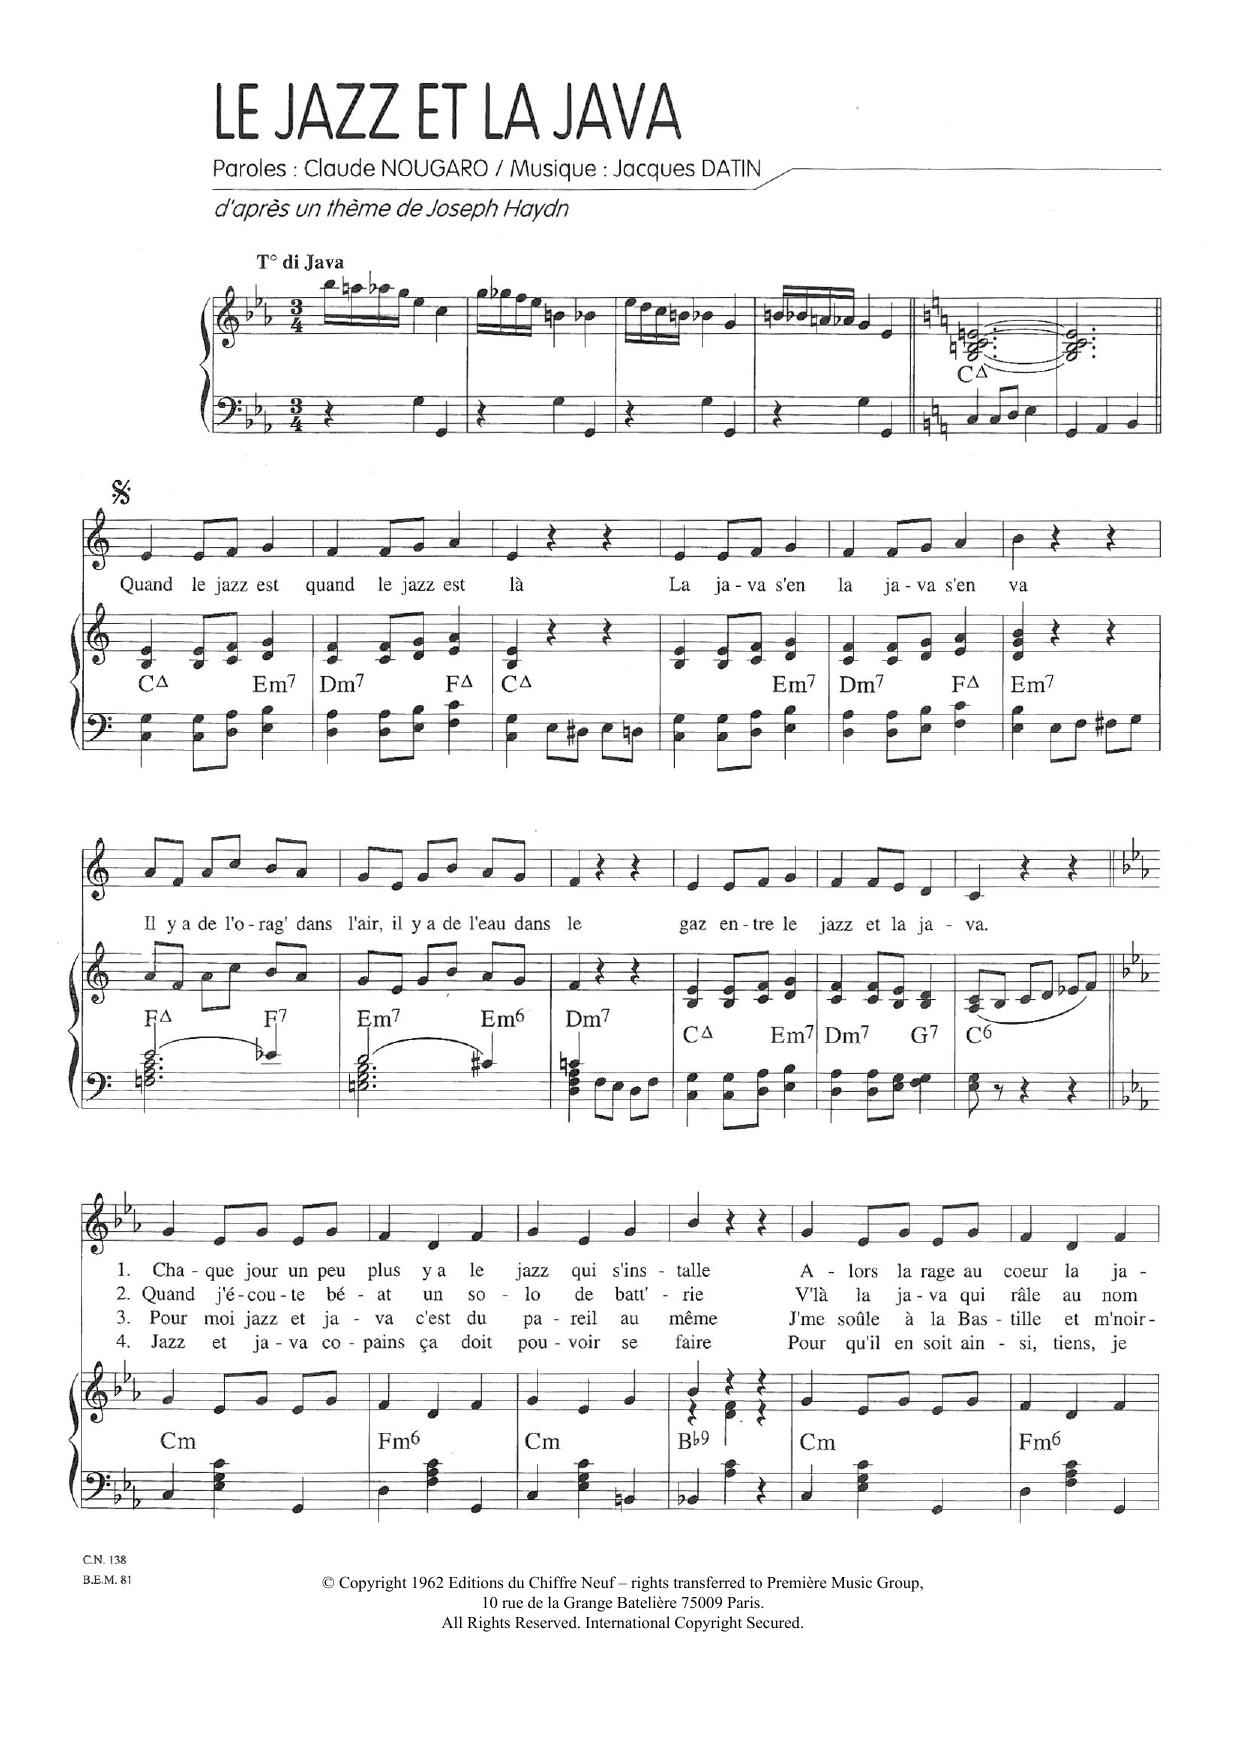 Paroles Le Jazz Et La Java : paroles, Partitions, Claude, Nougaro, Piano, Chant